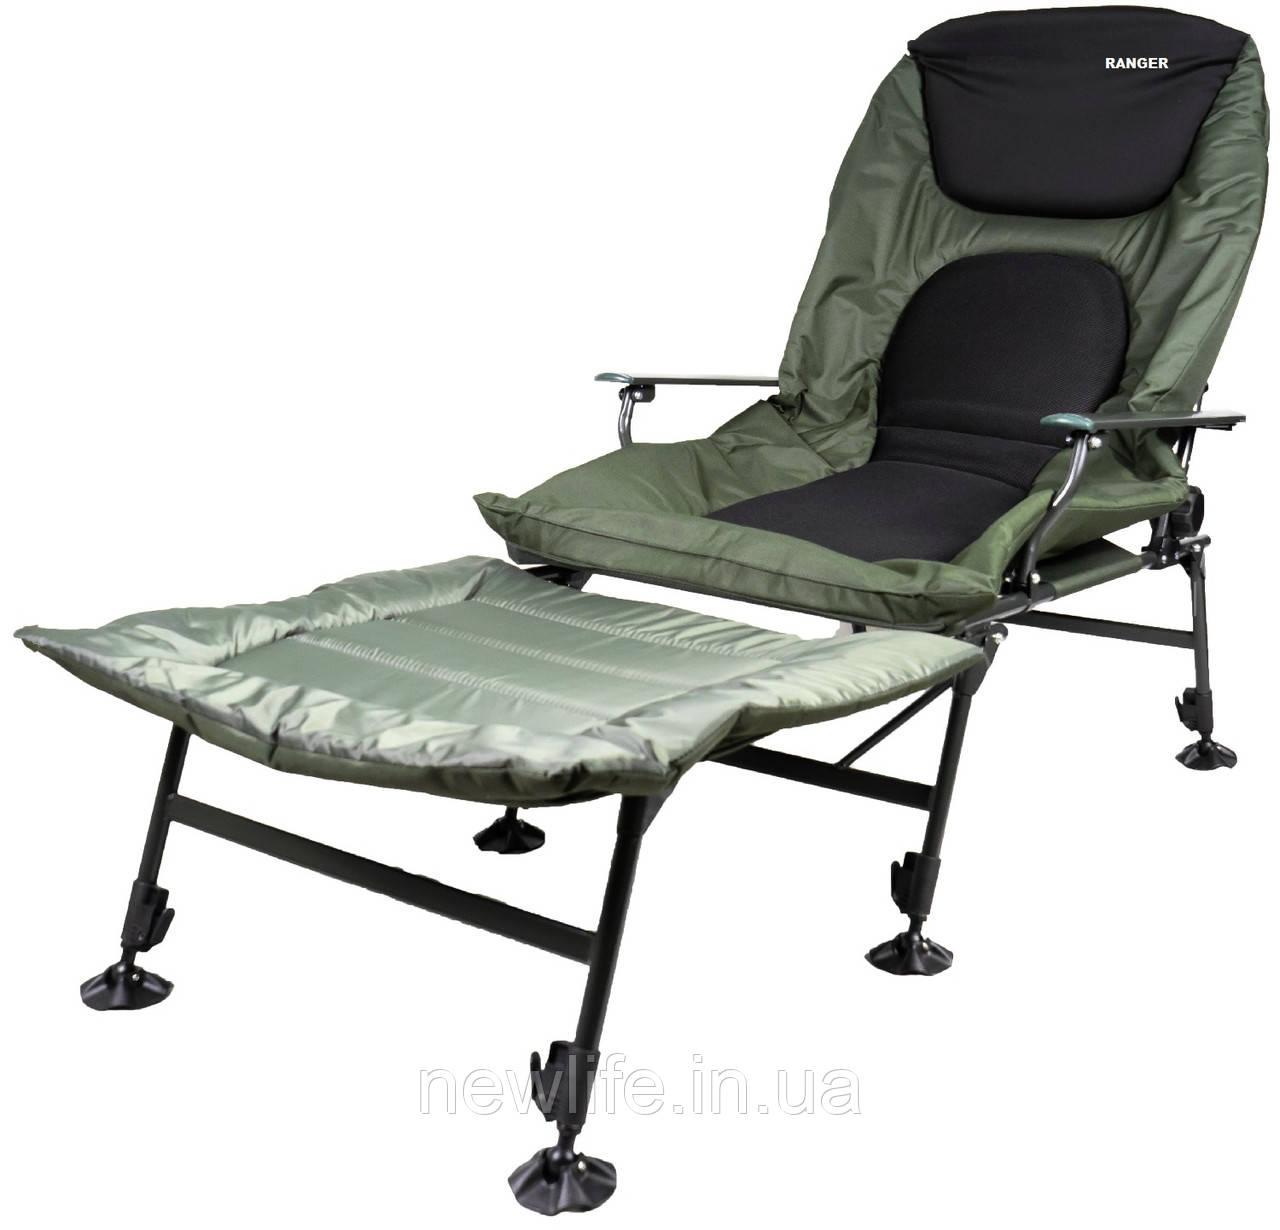 Карповое кресло-кровать Ranger Grand SL-106